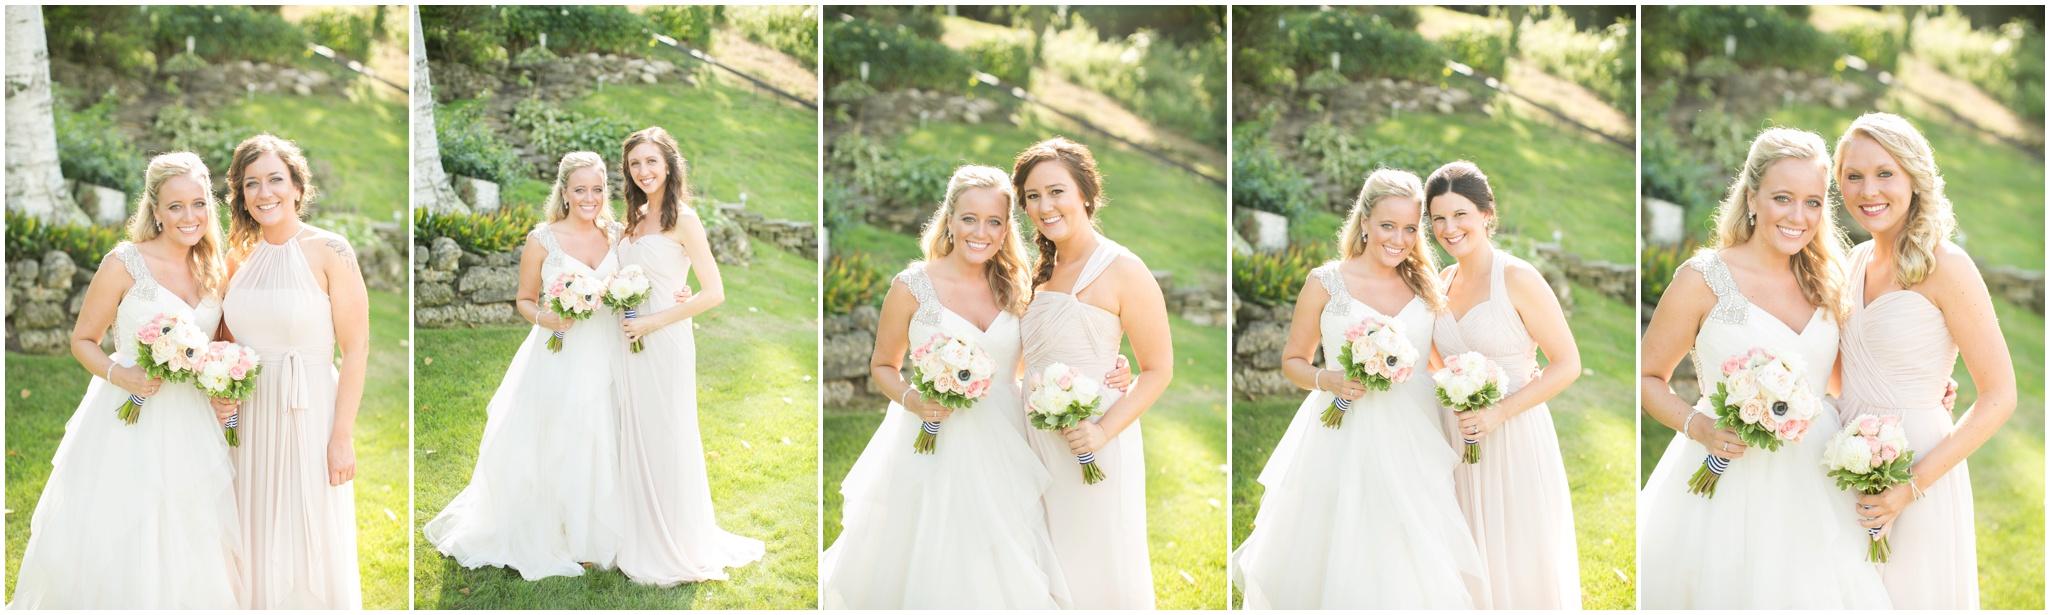 Green_Lake_Ripon_Wisconsin_Wedding_0038.jpg